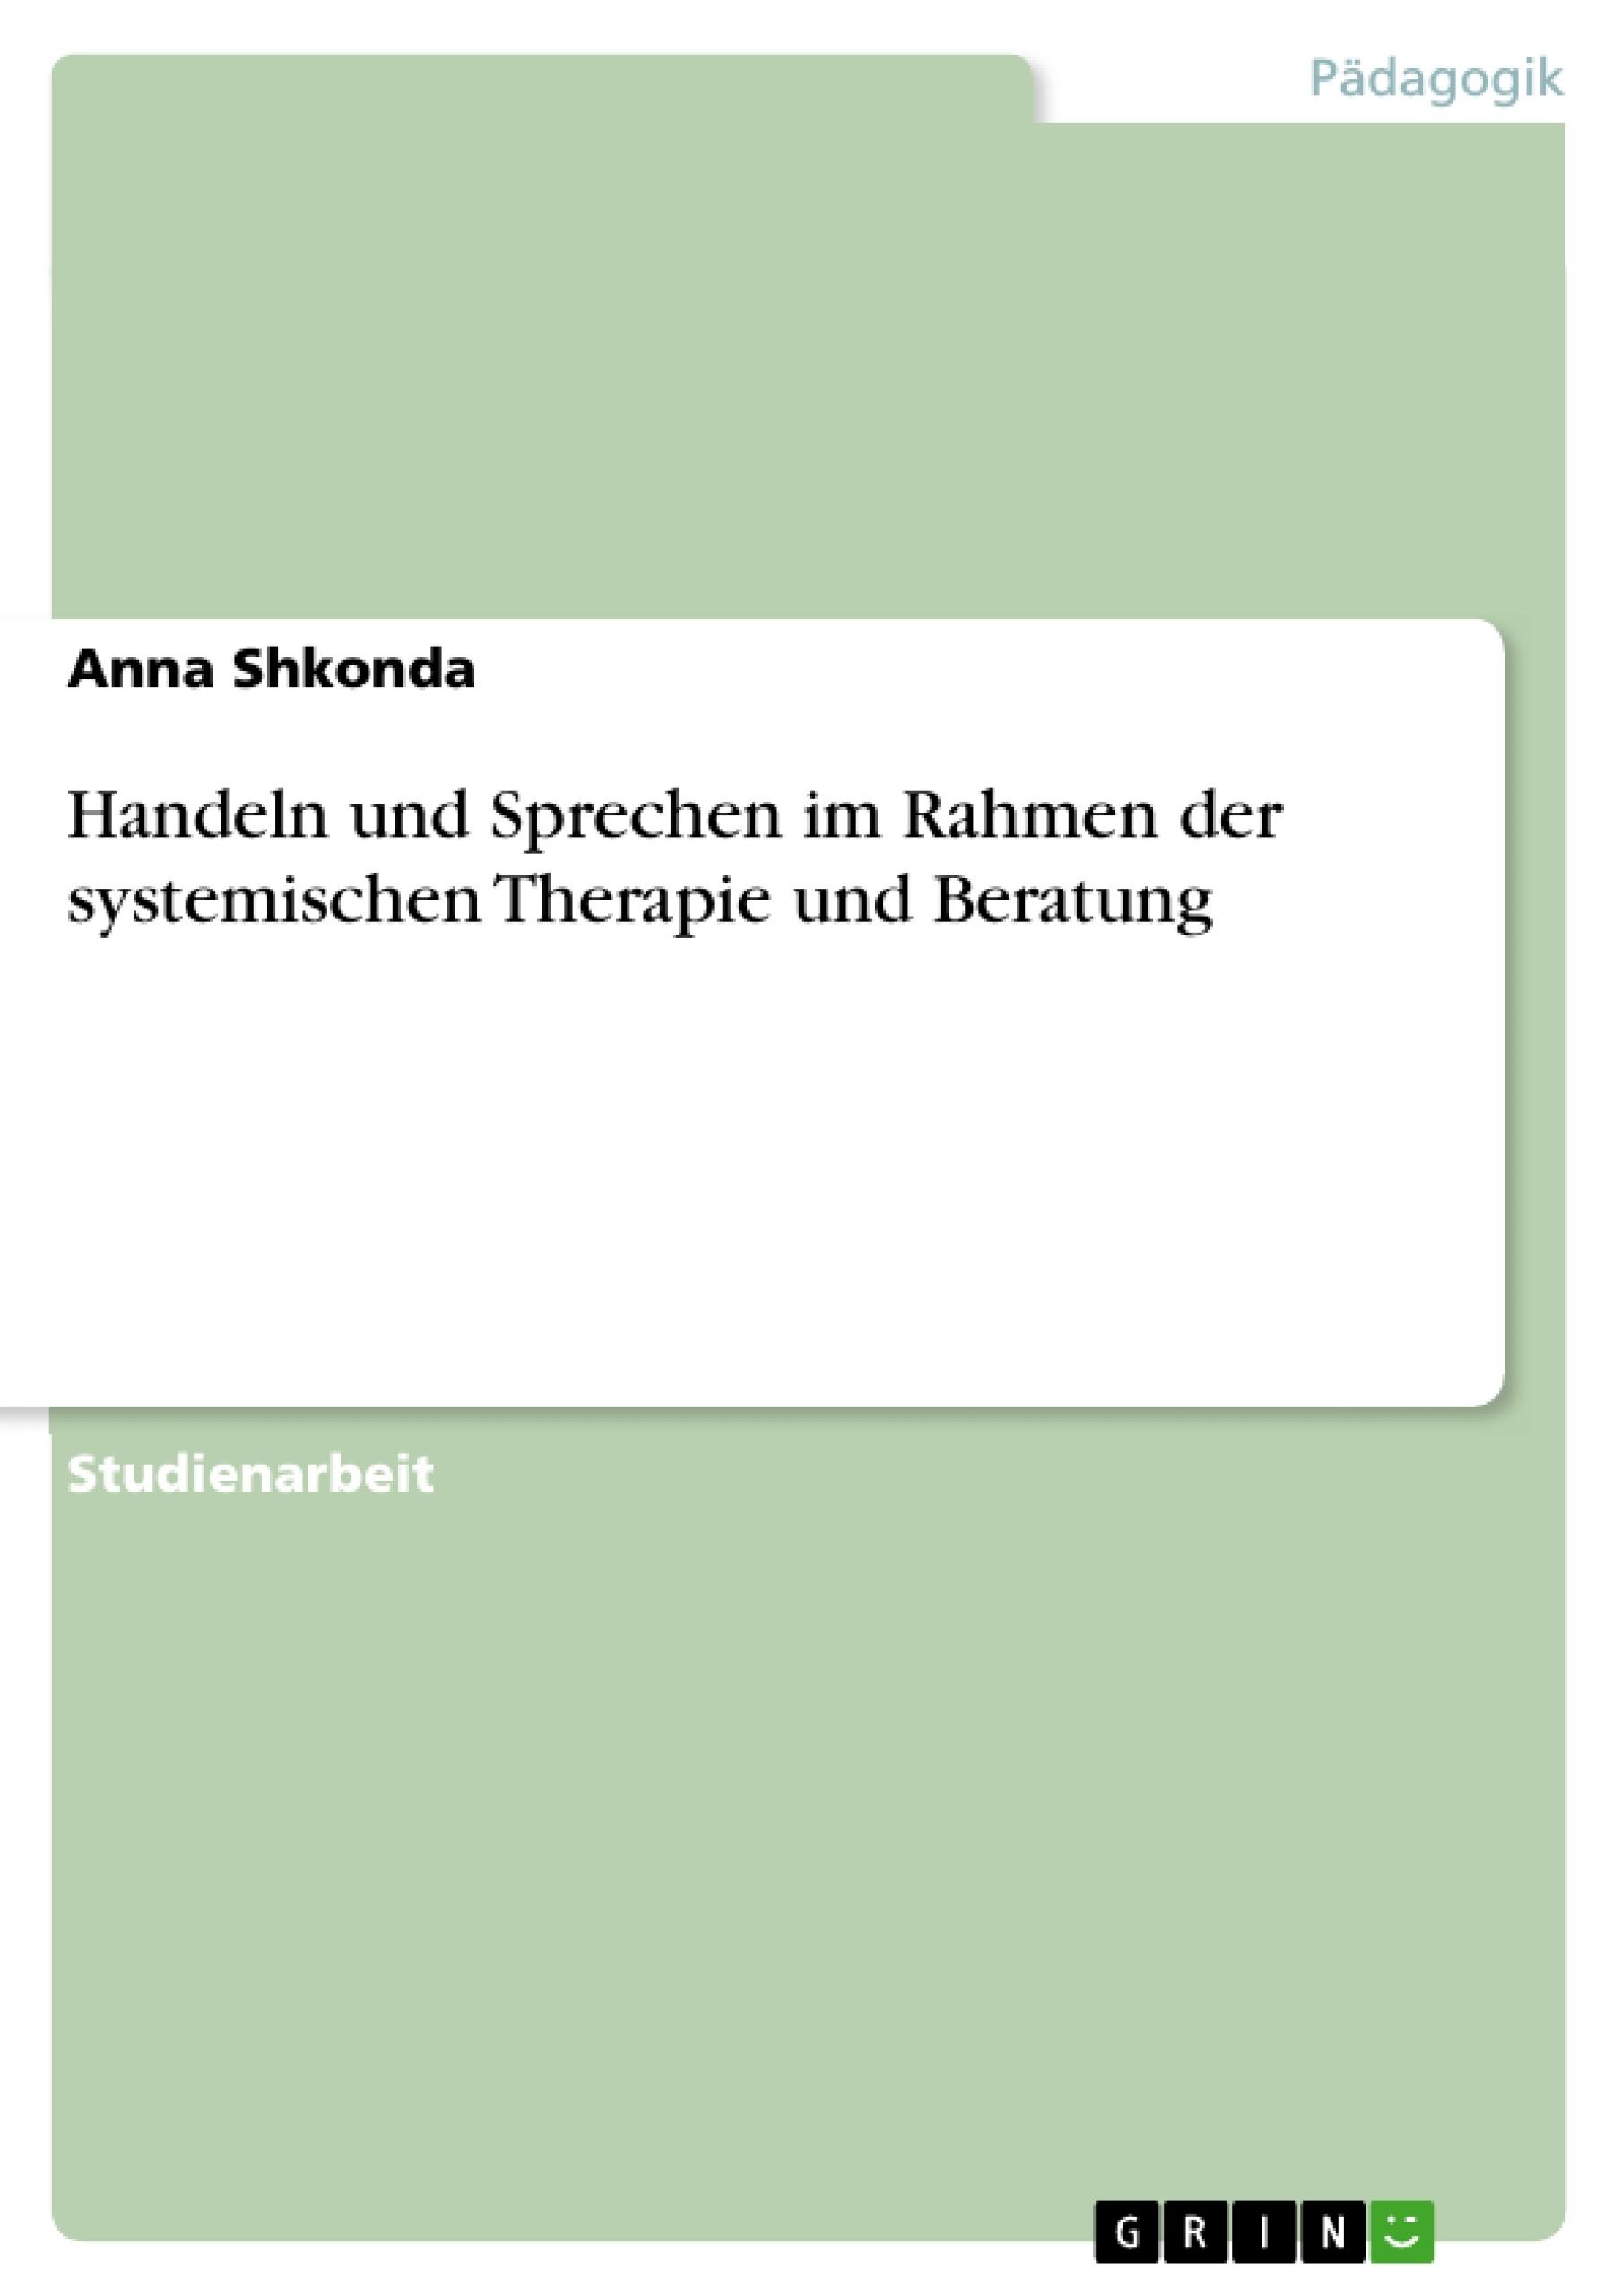 Titel: Handeln und Sprechen im Rahmen der systemischen Therapie und Beratung